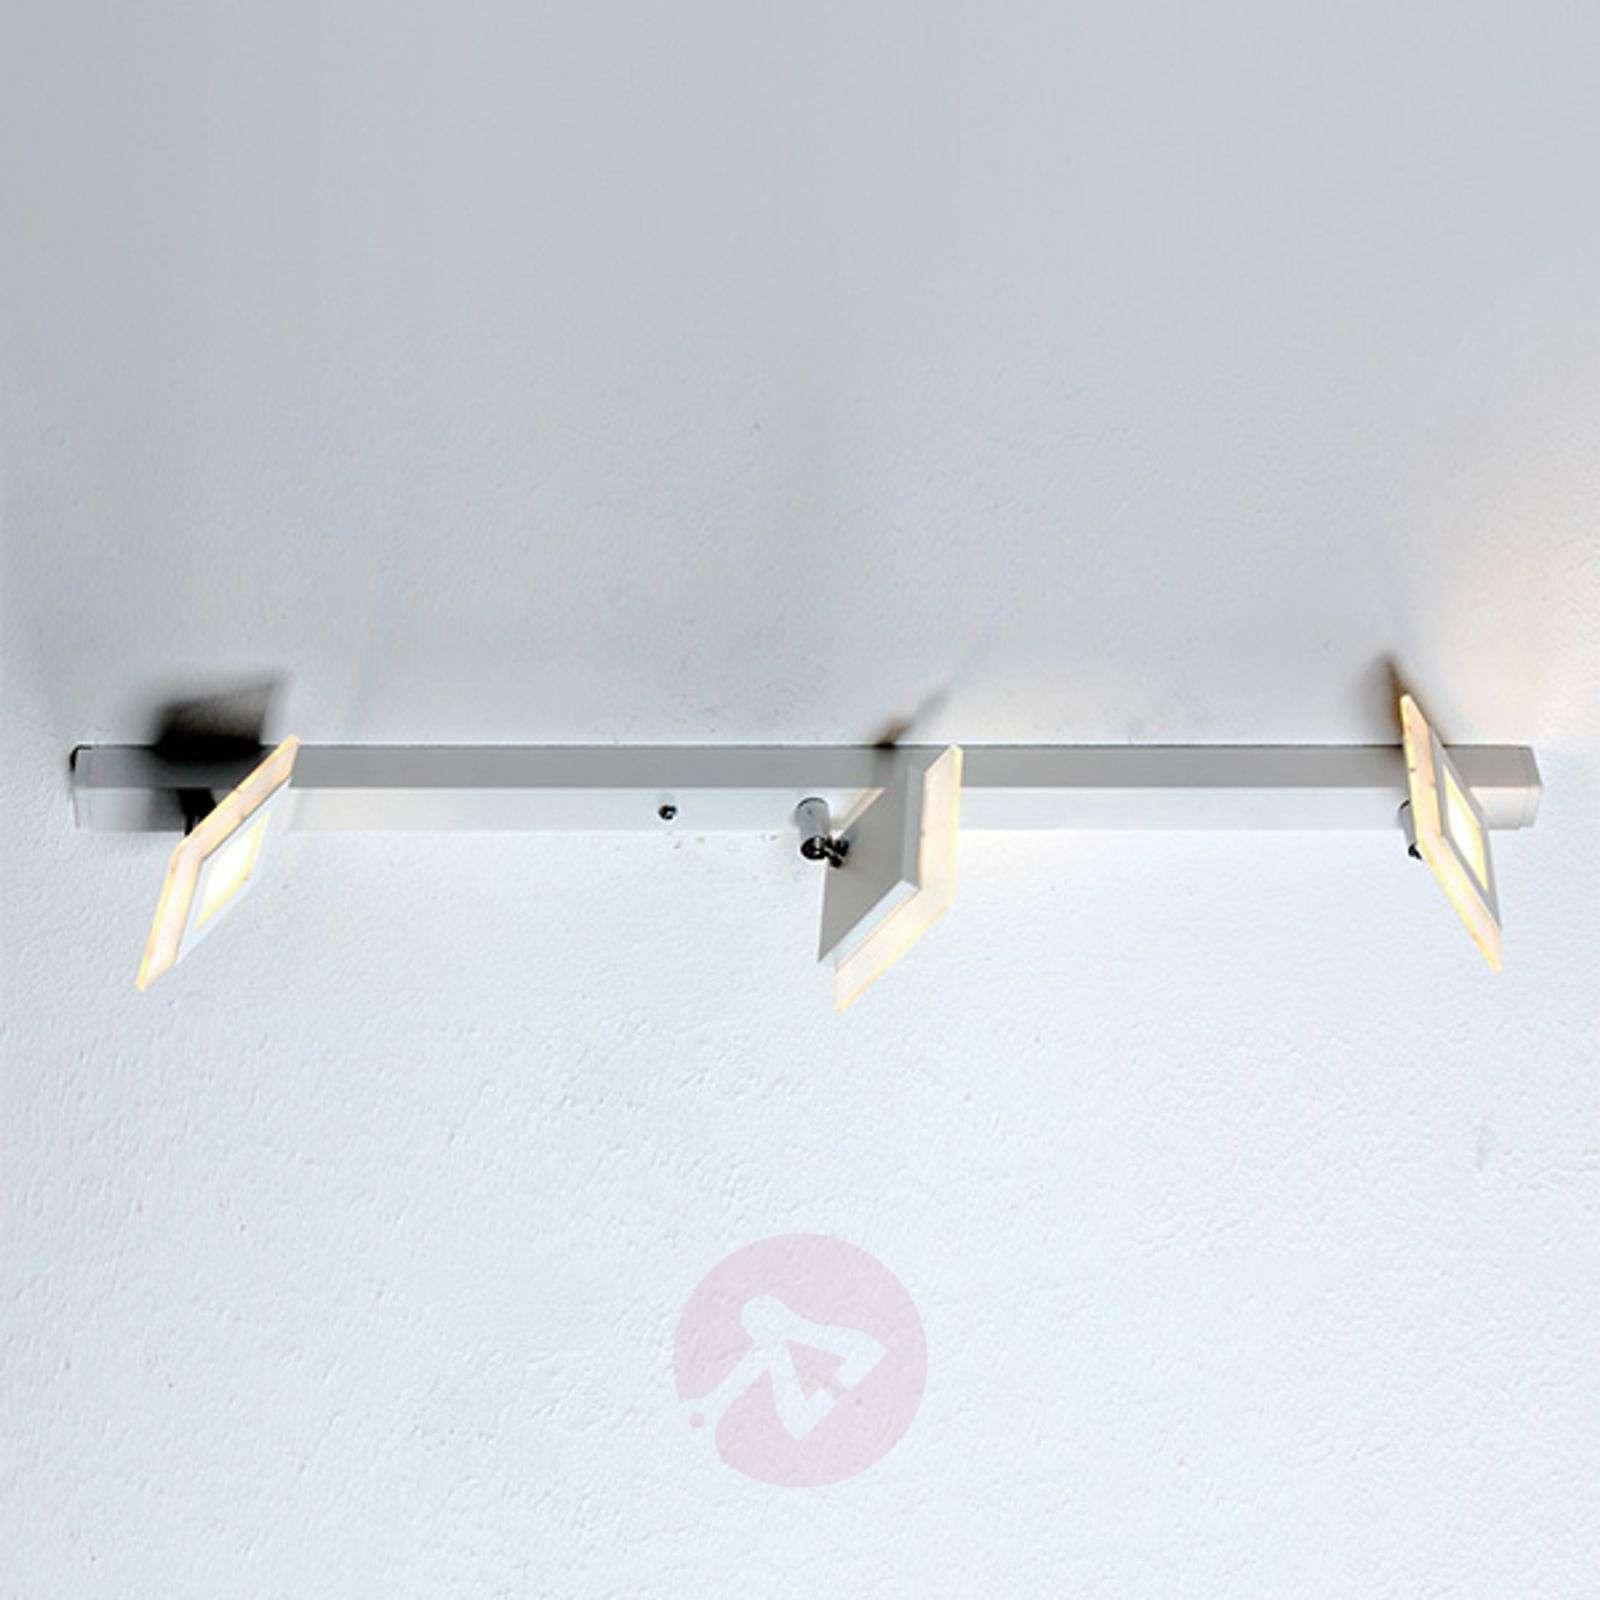 LED-kattovalaisin Line valkoinen 3-lamppuinen-1556072-01